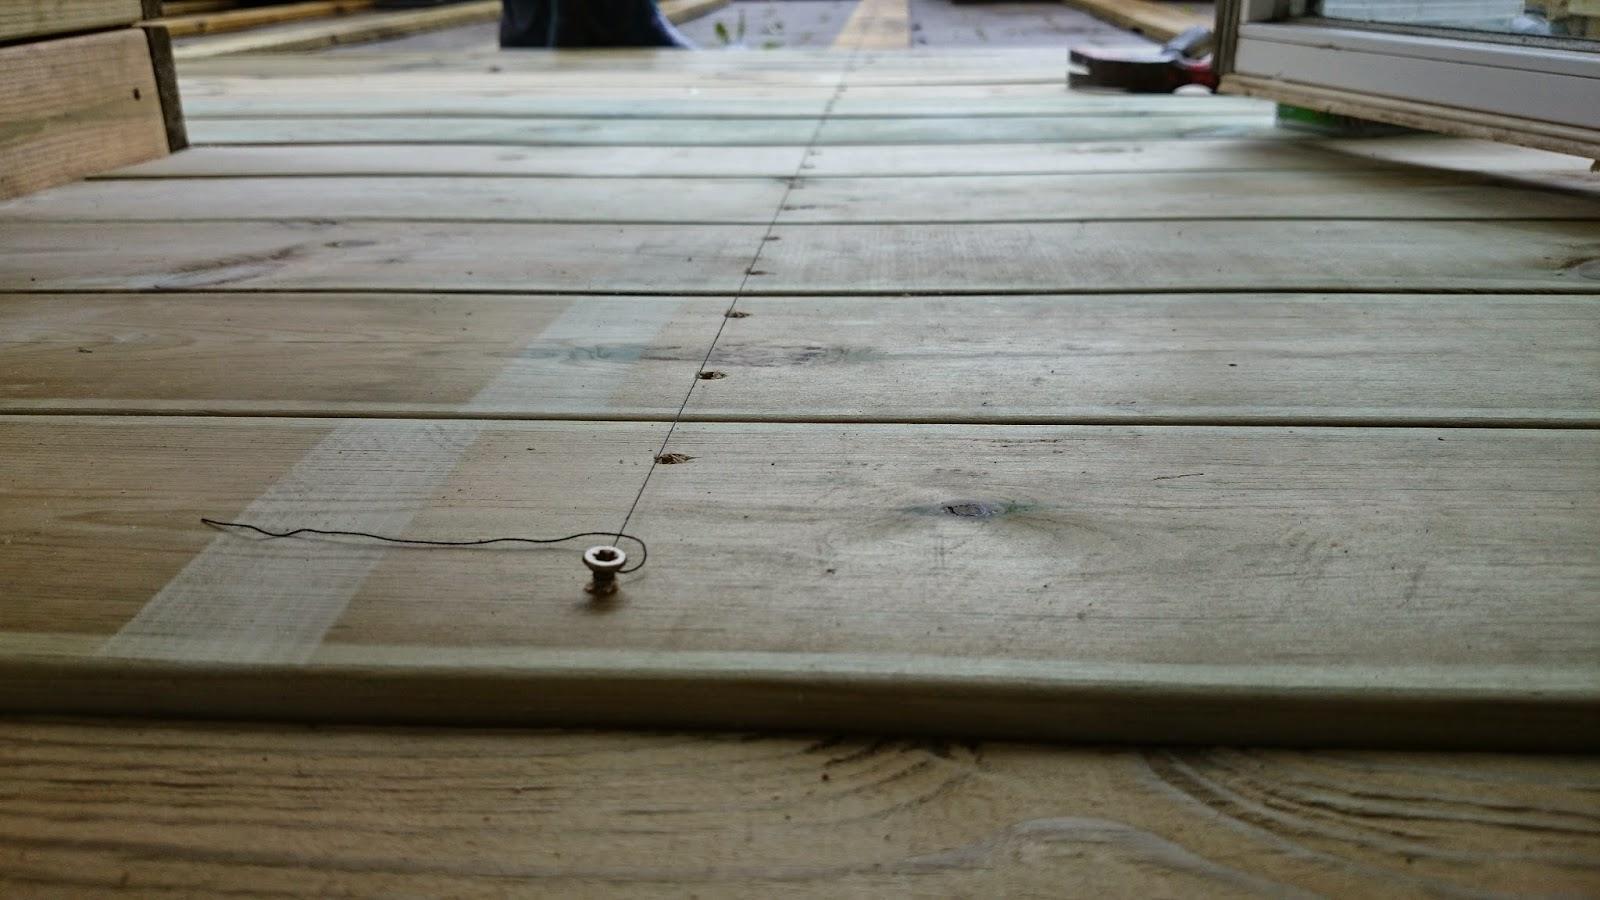 Inredning reglar byggmax : Släng dig i väggen, Ernst!: Att lägga trall på uteplatsen direkt ...